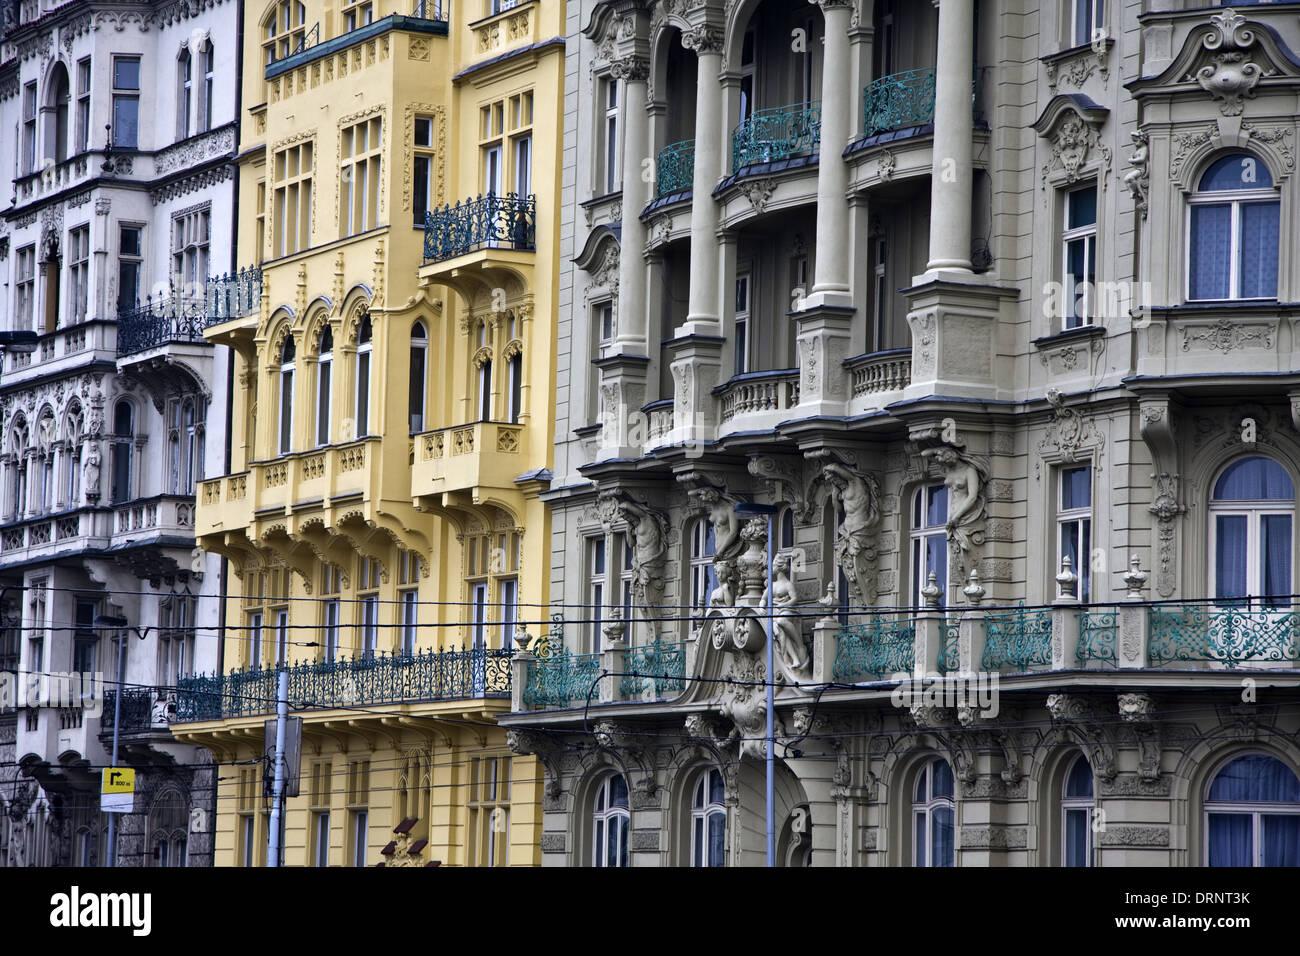 Old buidlings in Prague - Stock Image